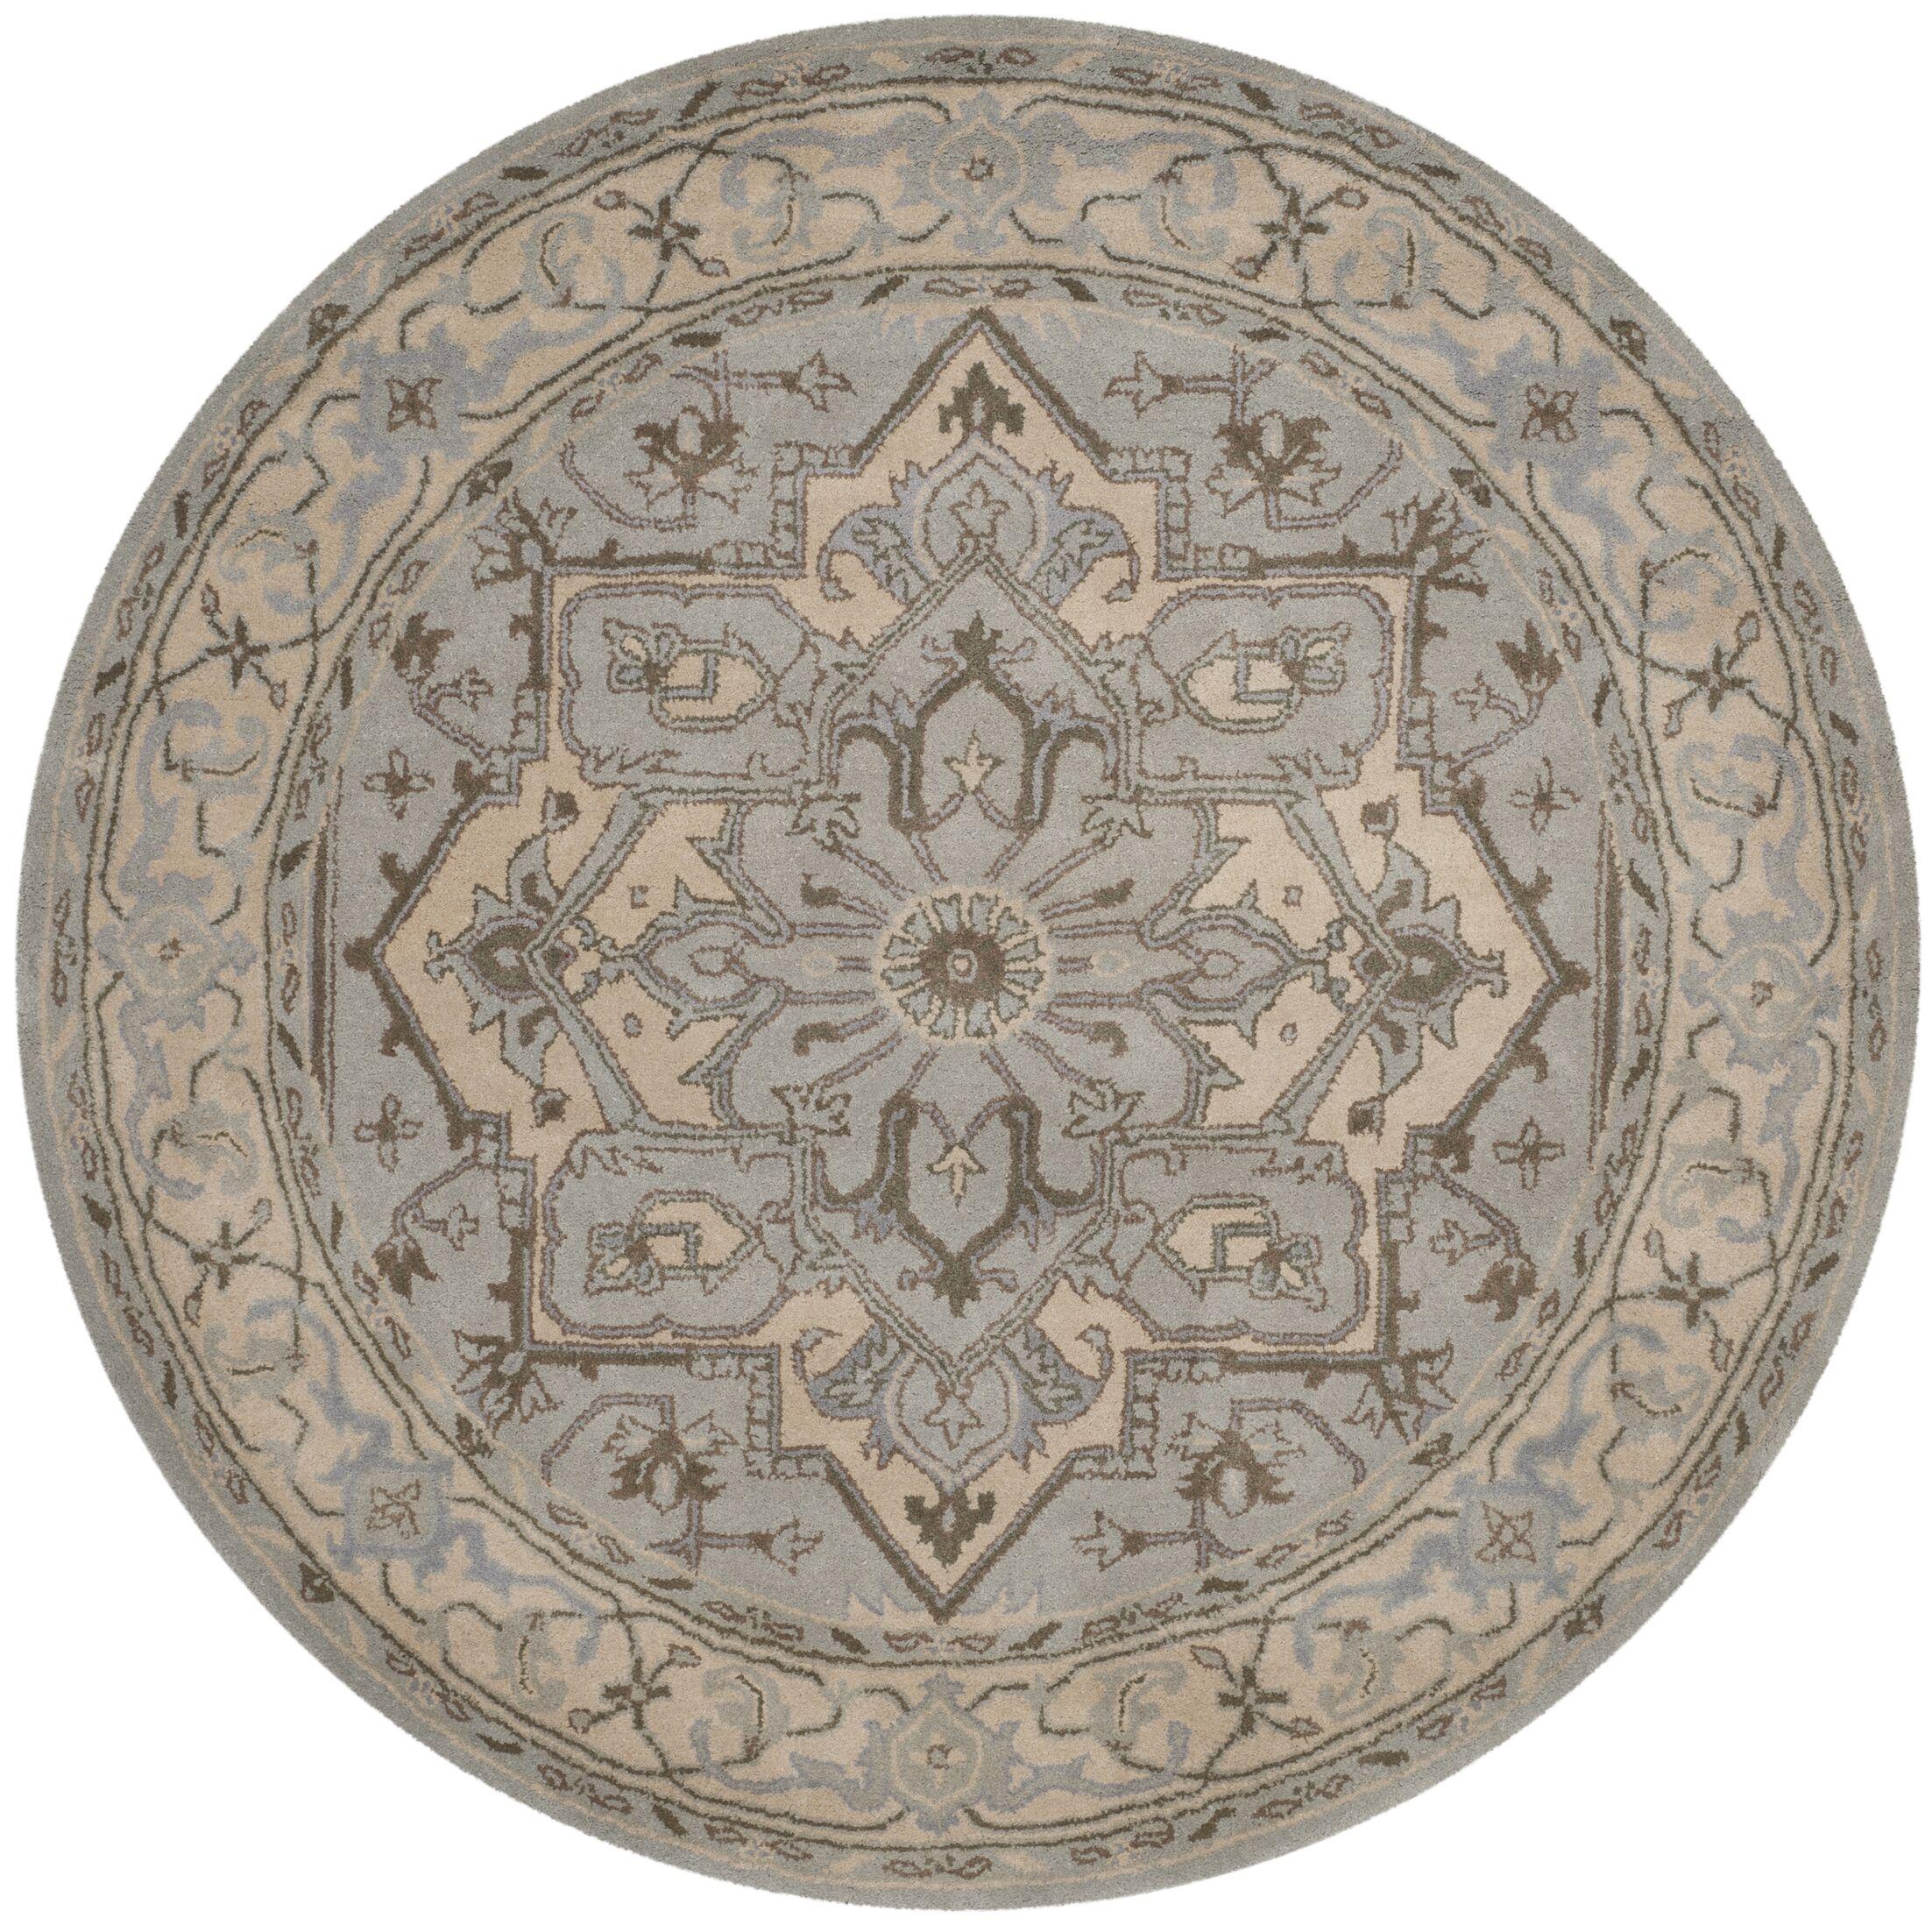 Centralia Beige/Grey Oriental Area Rug Rug Size: 6' Round